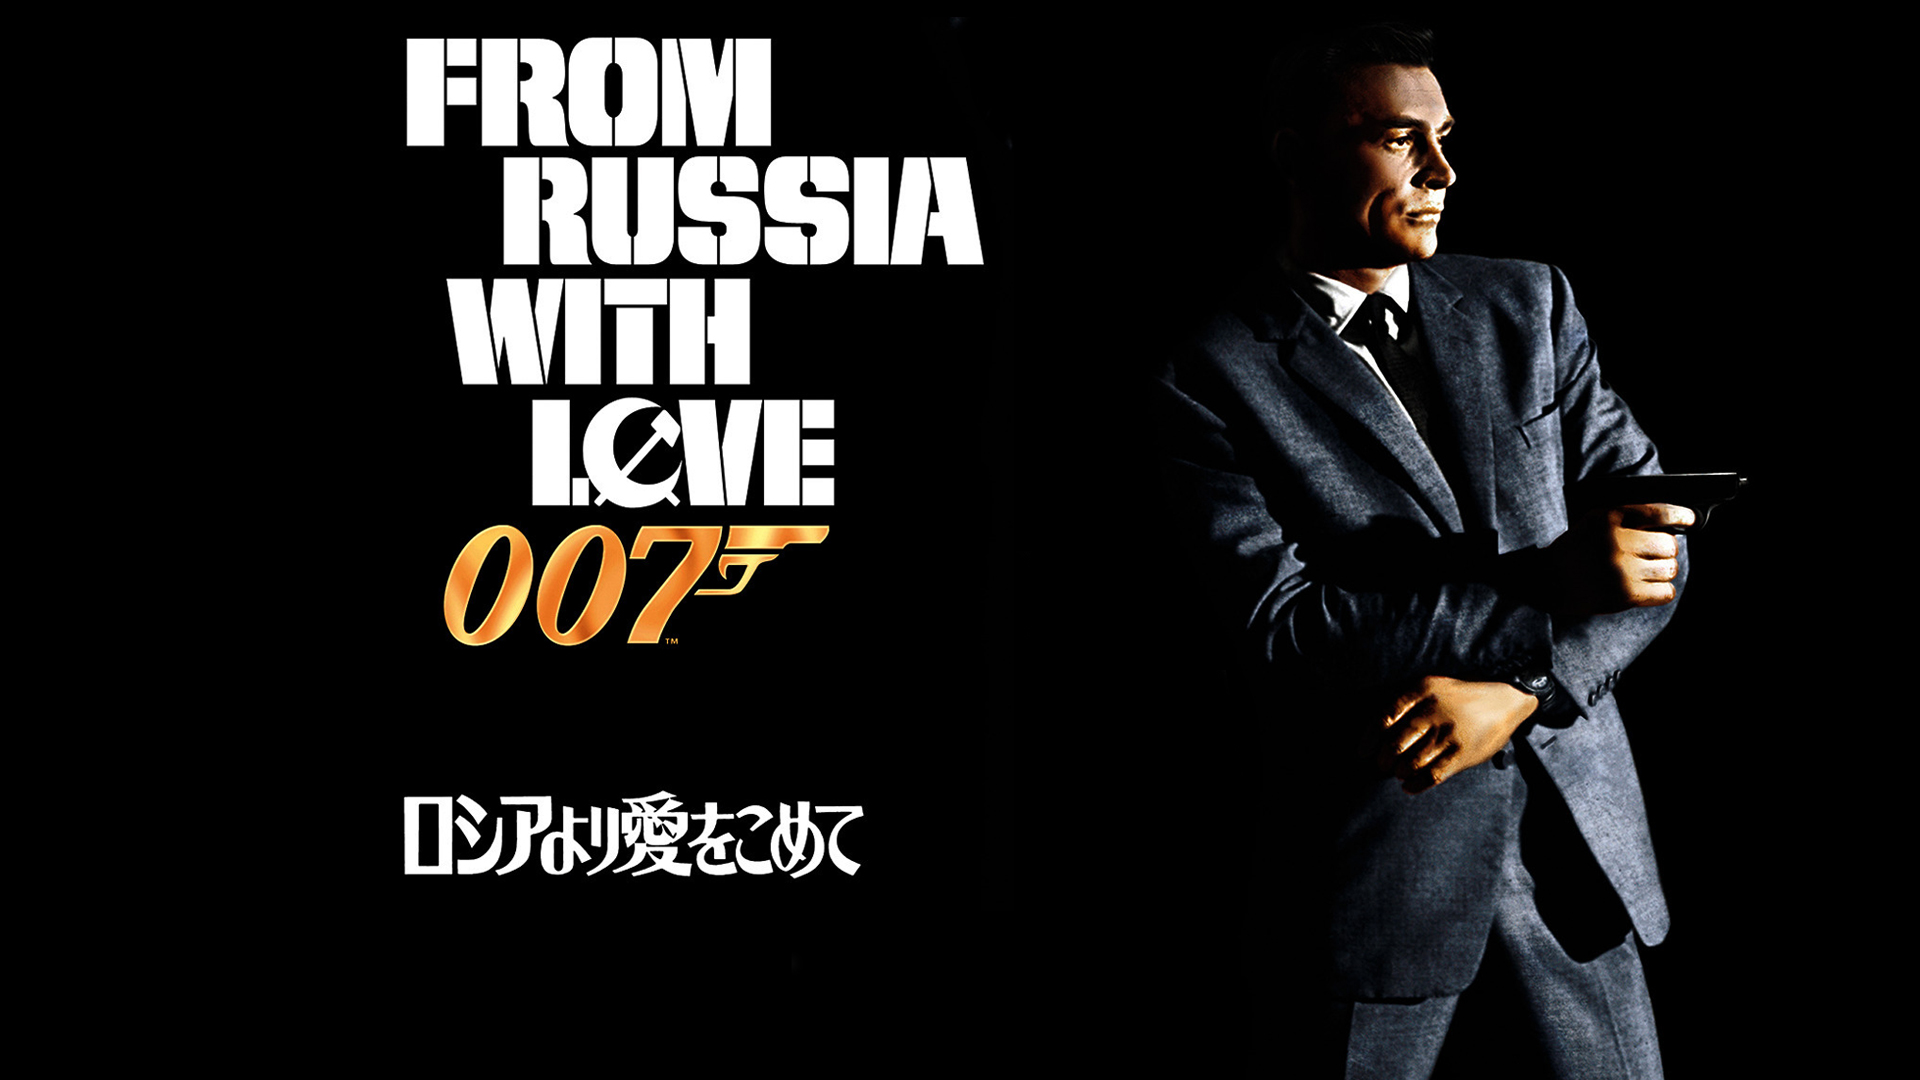 ロシアより愛をこめて (字幕版)